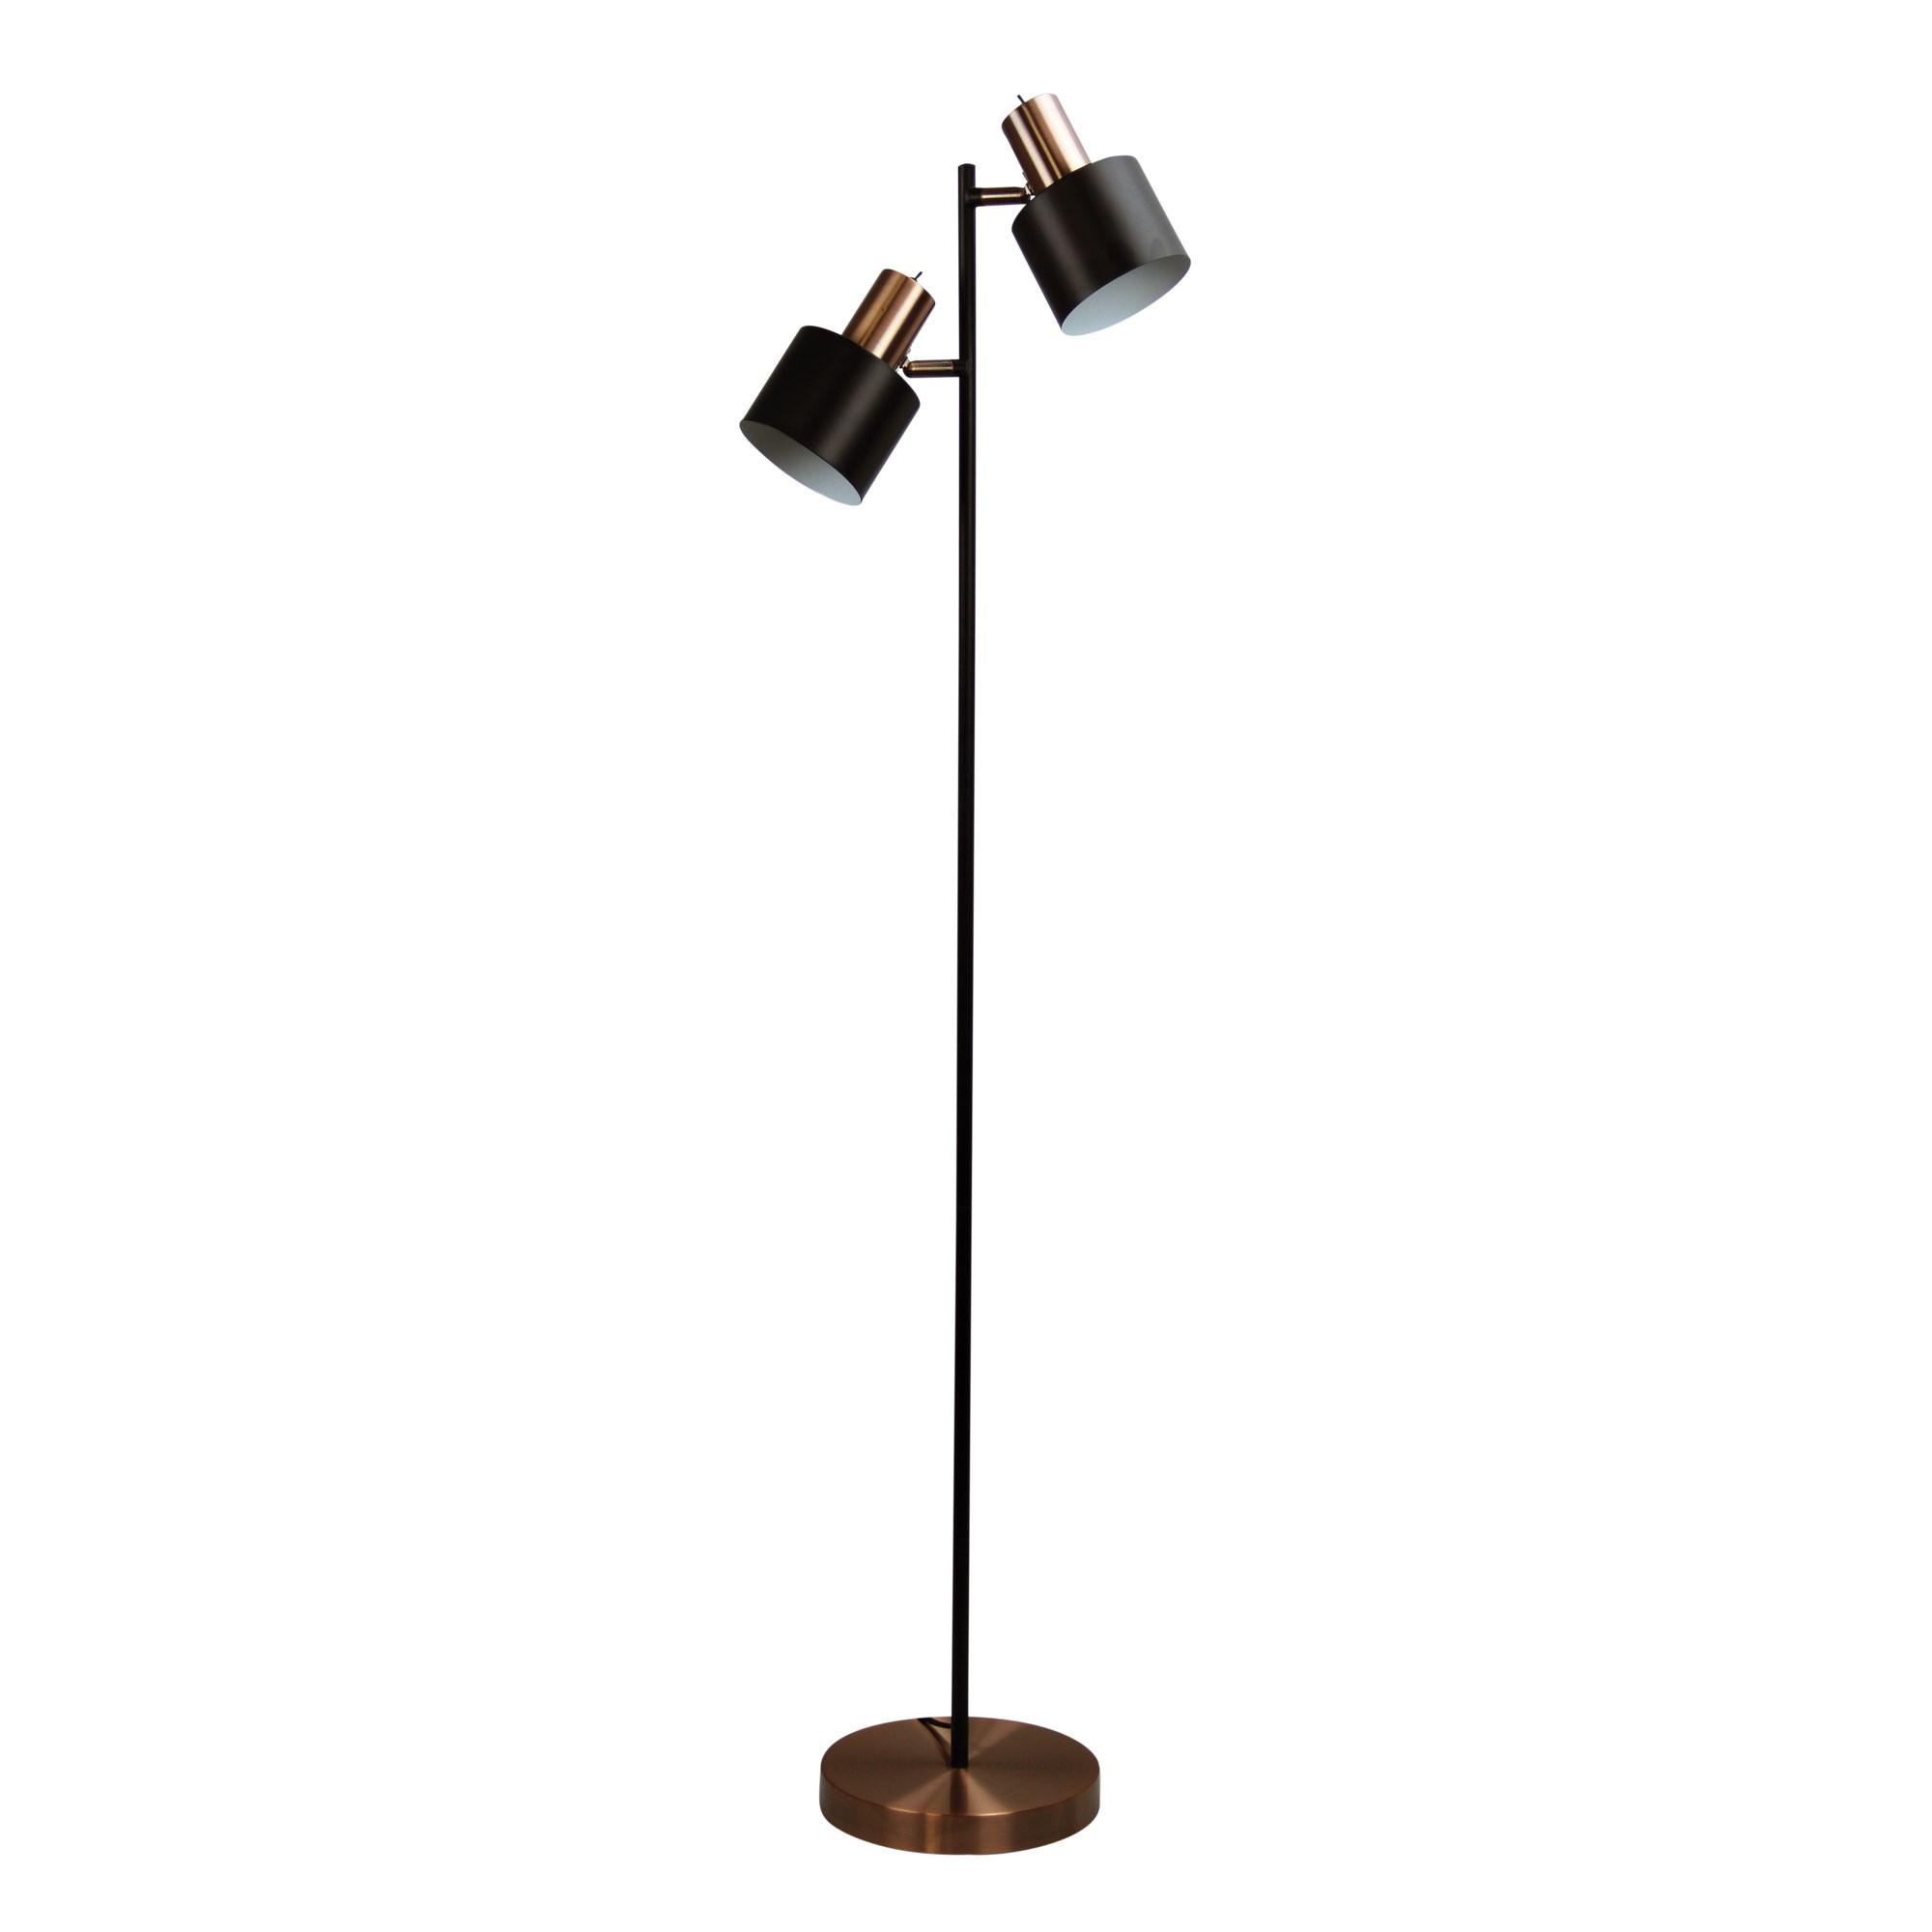 Ari Metal Floor Lamp, 2 Light, Brushed Copper